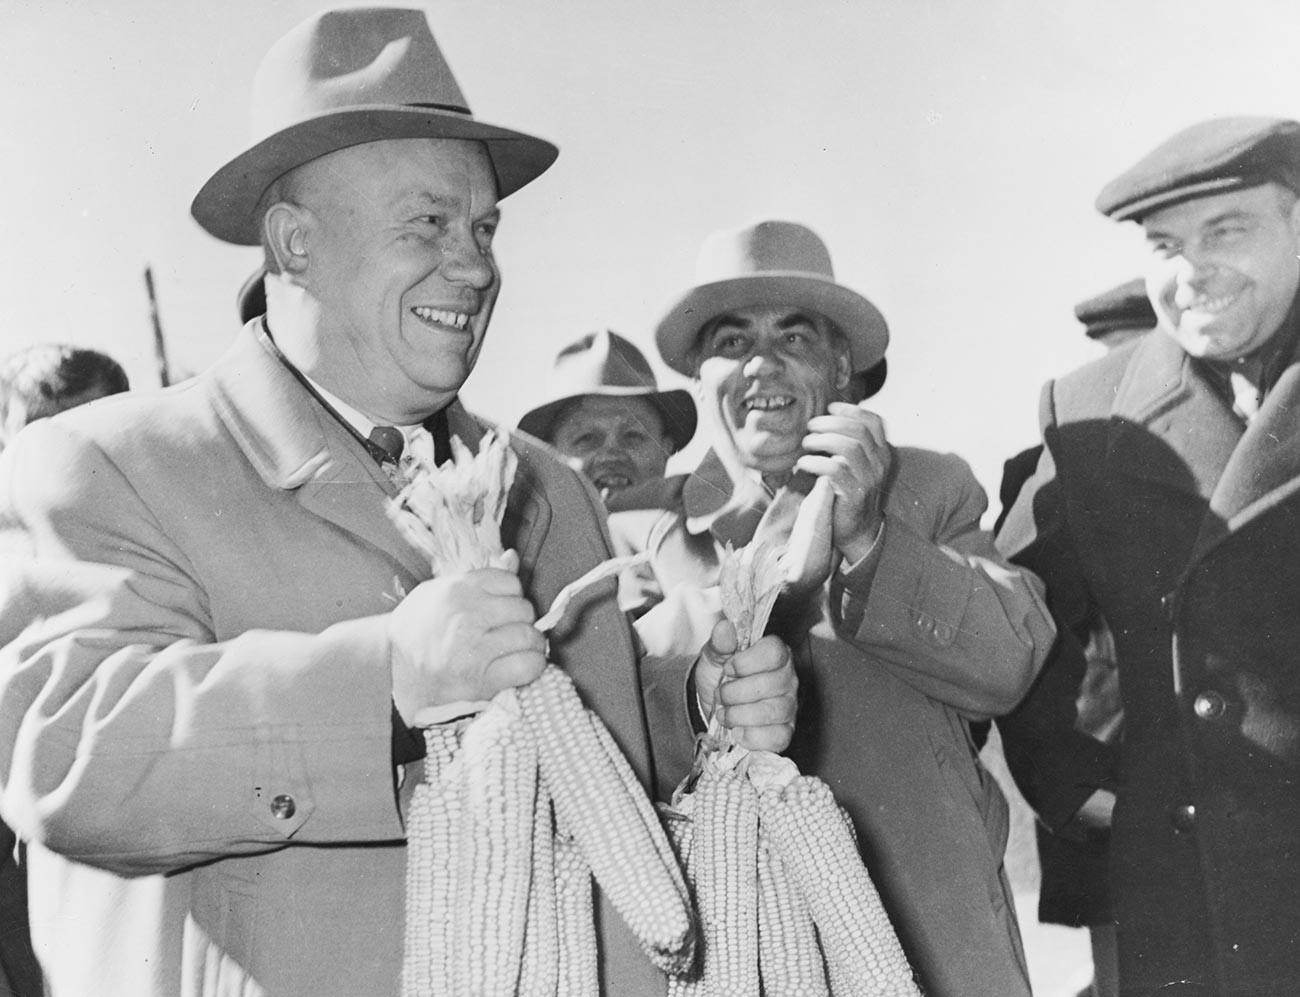 Generalni sekretar Komunističke partije SSSR-a, Nikita Hručšov u posjetu Staljinovom kolhozu u Nevinomisku, Stavropoljski kraj, bivši SSSR, 1958. U rukama drži kukuruz koji je dobio na poklon.